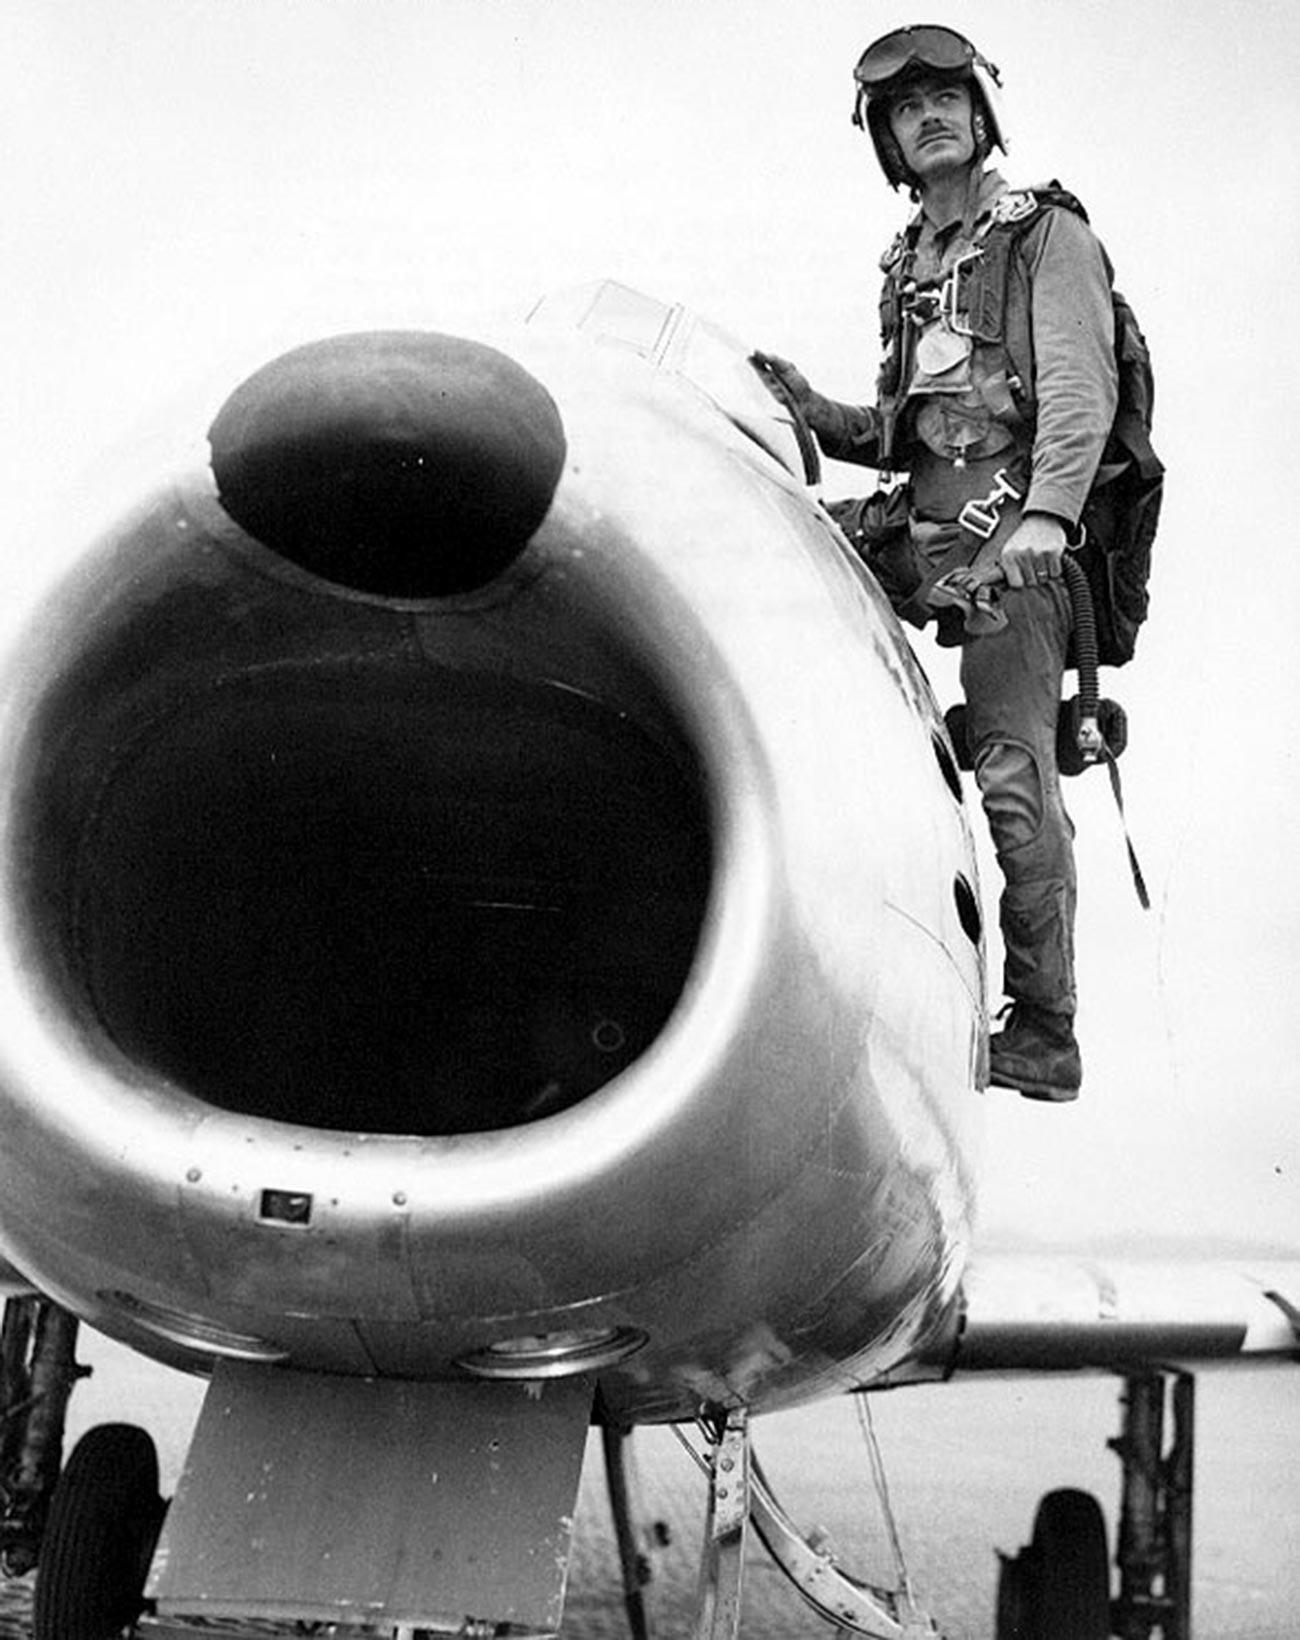 Мајор Болт, који је оборио шест јапанских авиона у Другом светском рату. Летео је у 37 акција на Сејбру у саставу 5. ваздушне армије која је водила ваздушне окршаје против мигова.